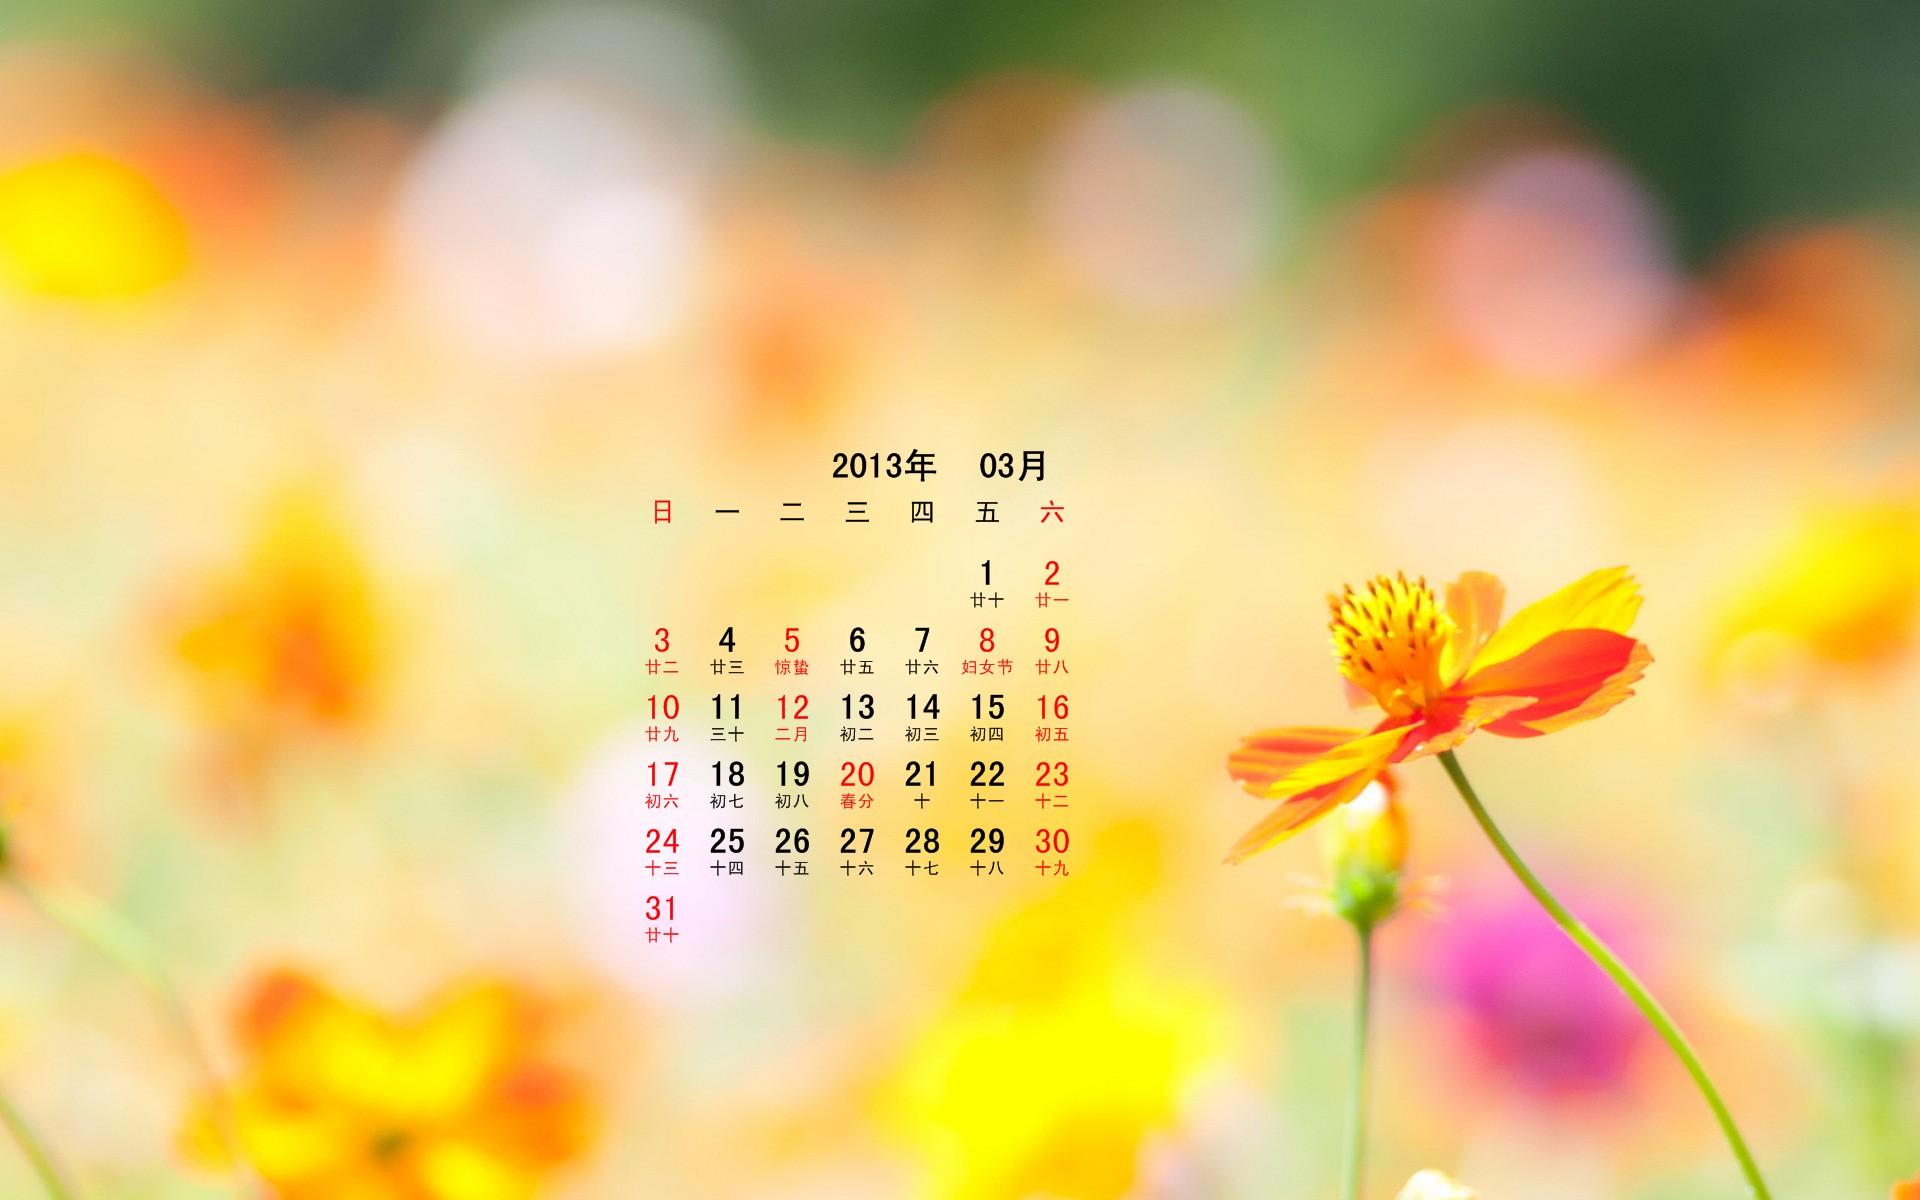 图片标题:2013年3月动植物月历(1920x1200)